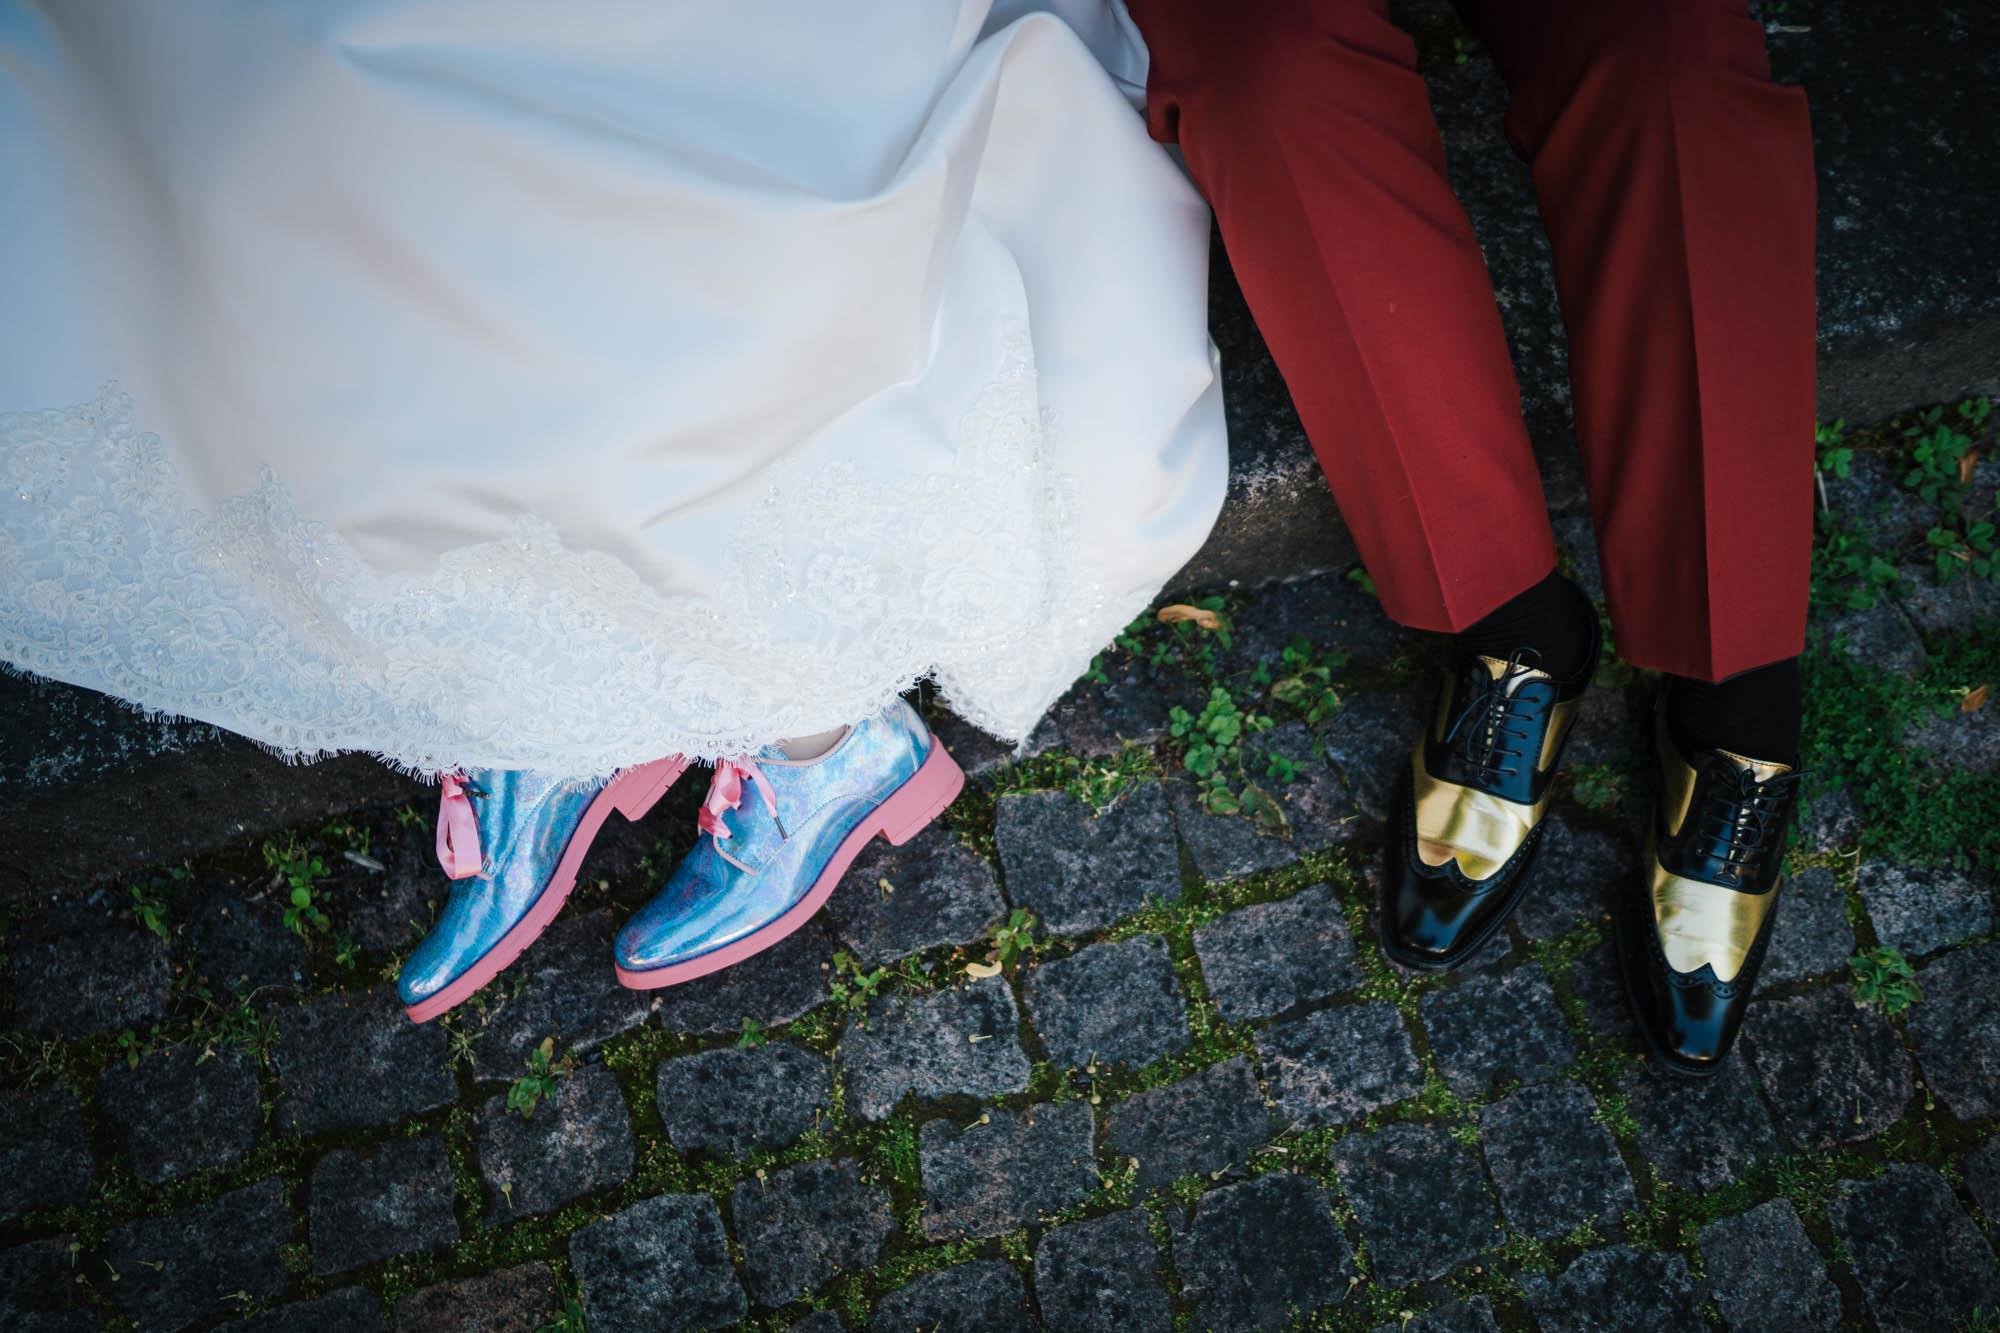 morsiamen turkoosit kengät ja sulhasen kultaiset kengät